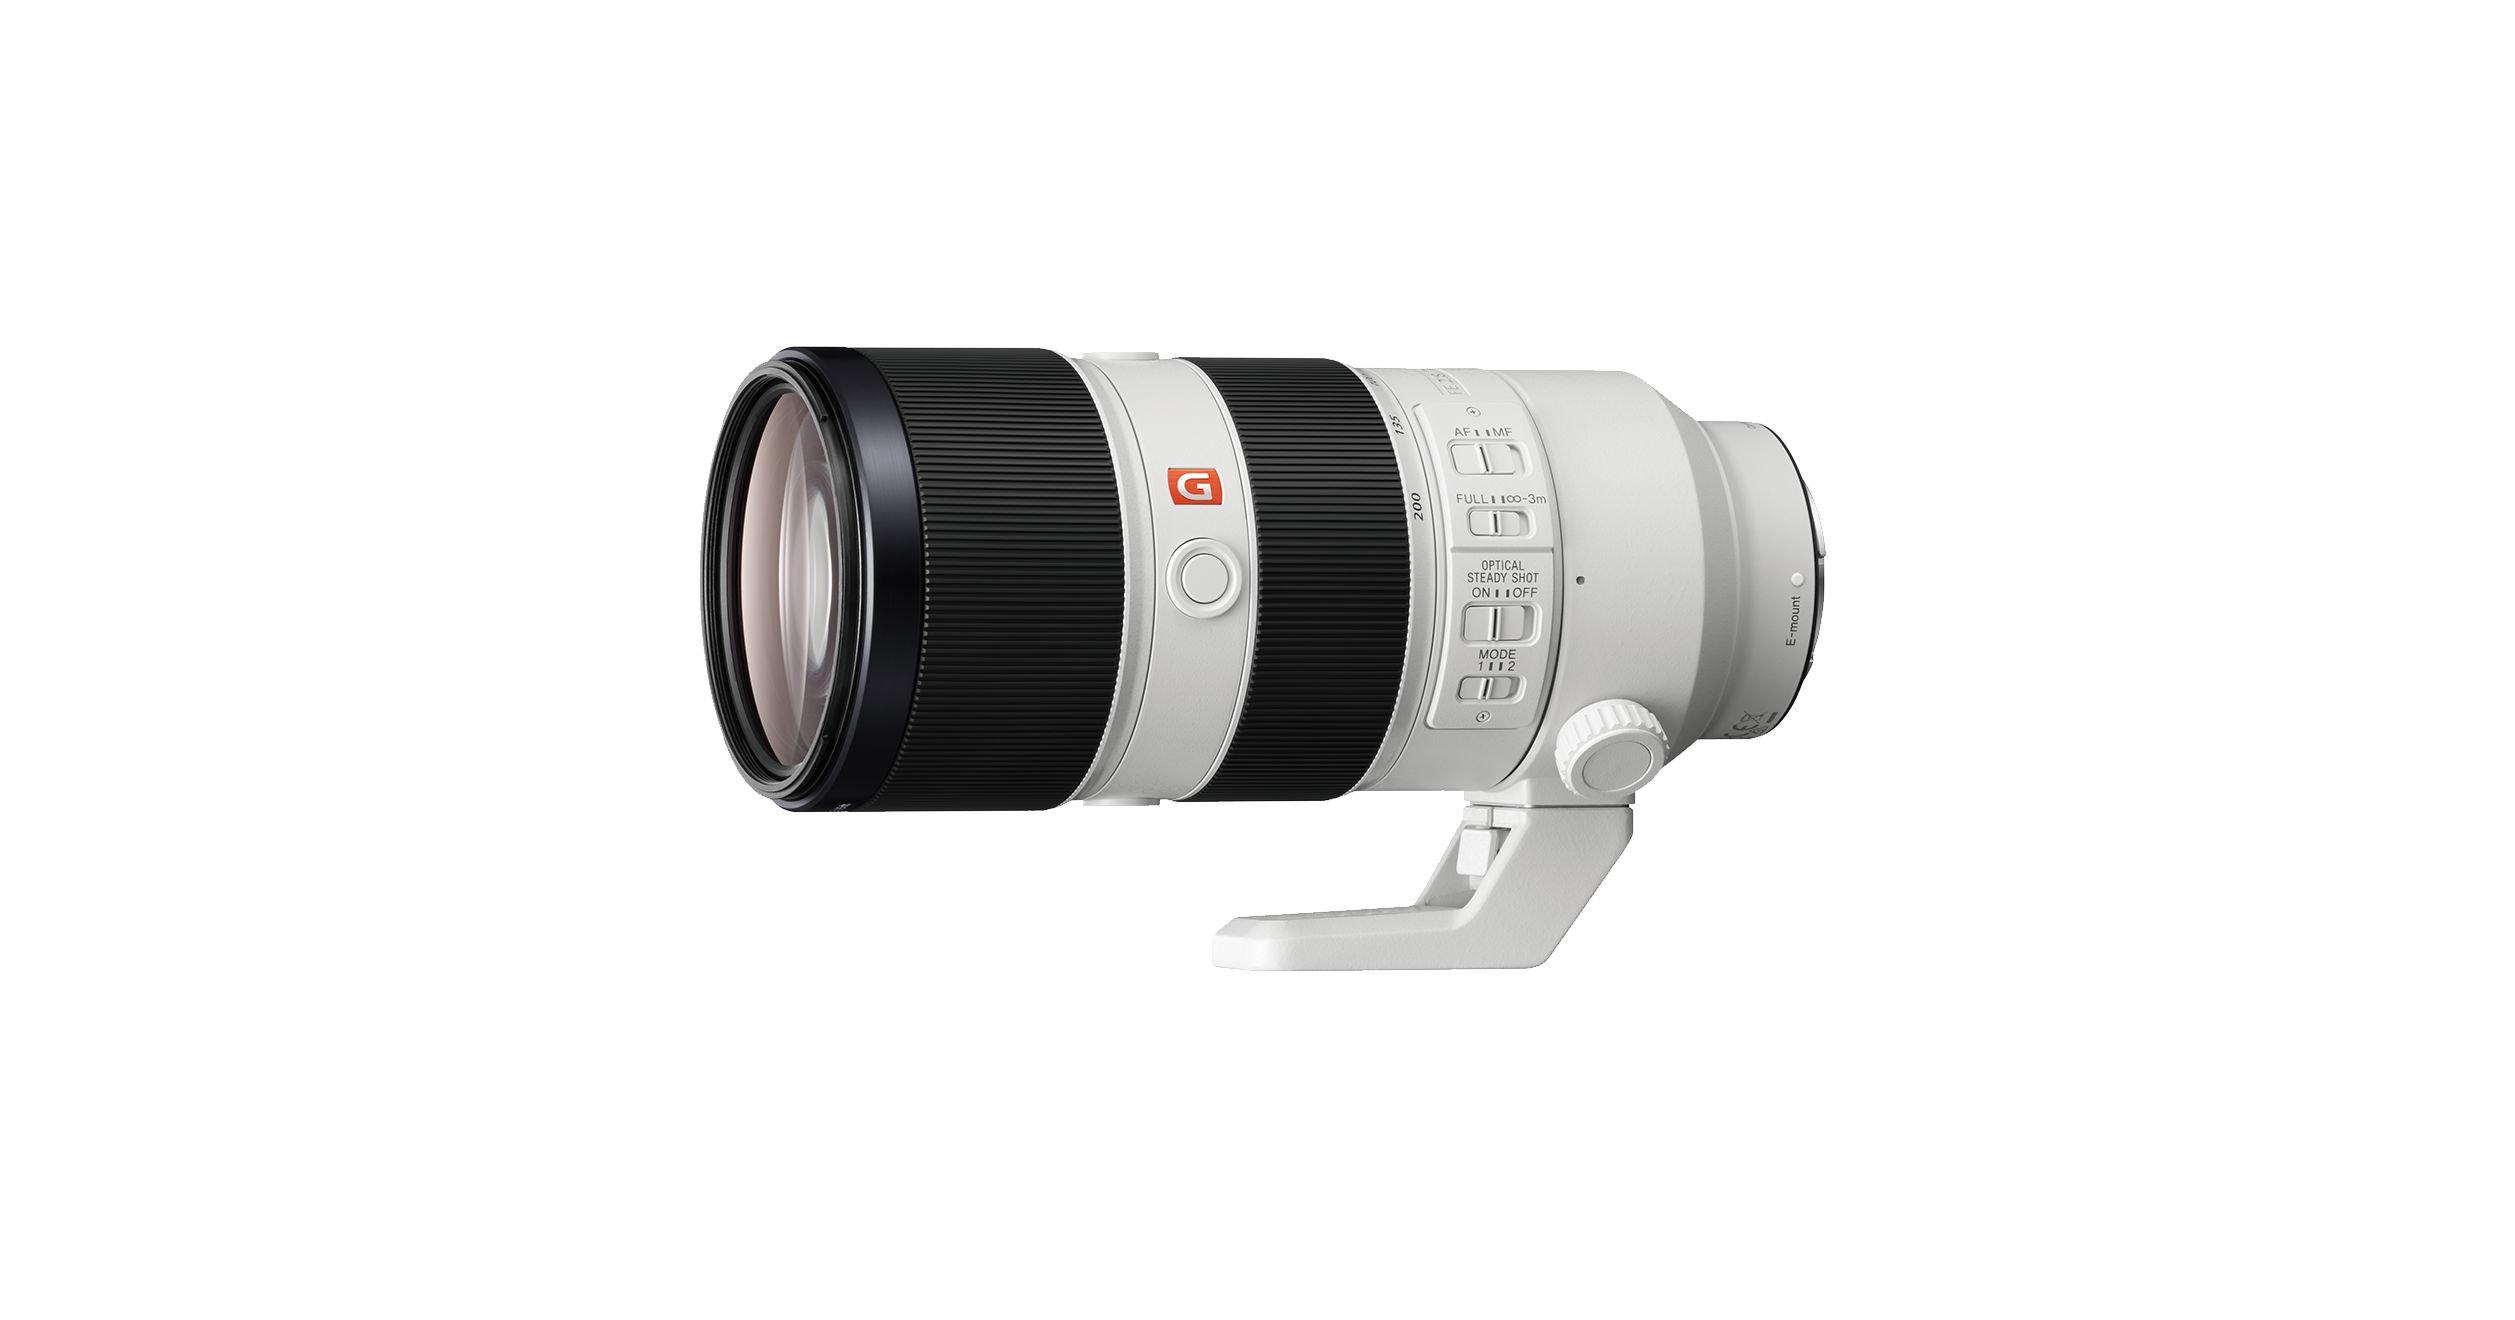 FE 70-200 mm F2.8 GM OSS | SEL70200GM | Sony US